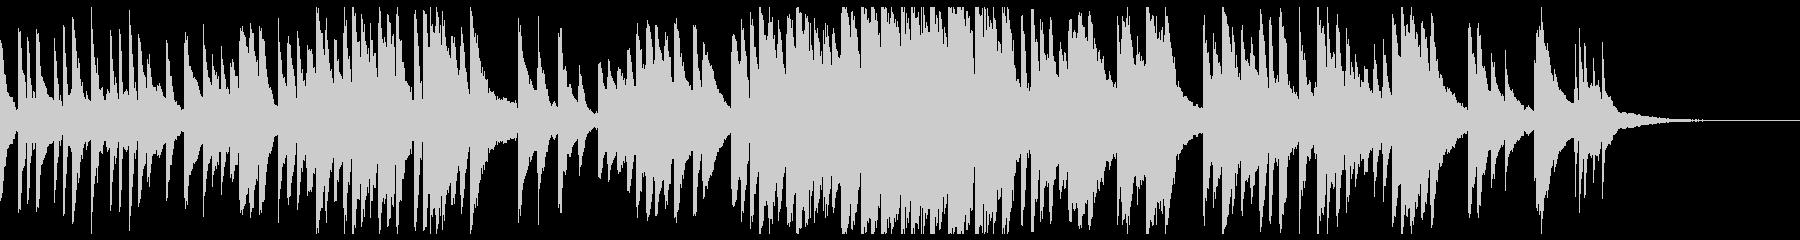 エモーショナルなピアノソロの未再生の波形